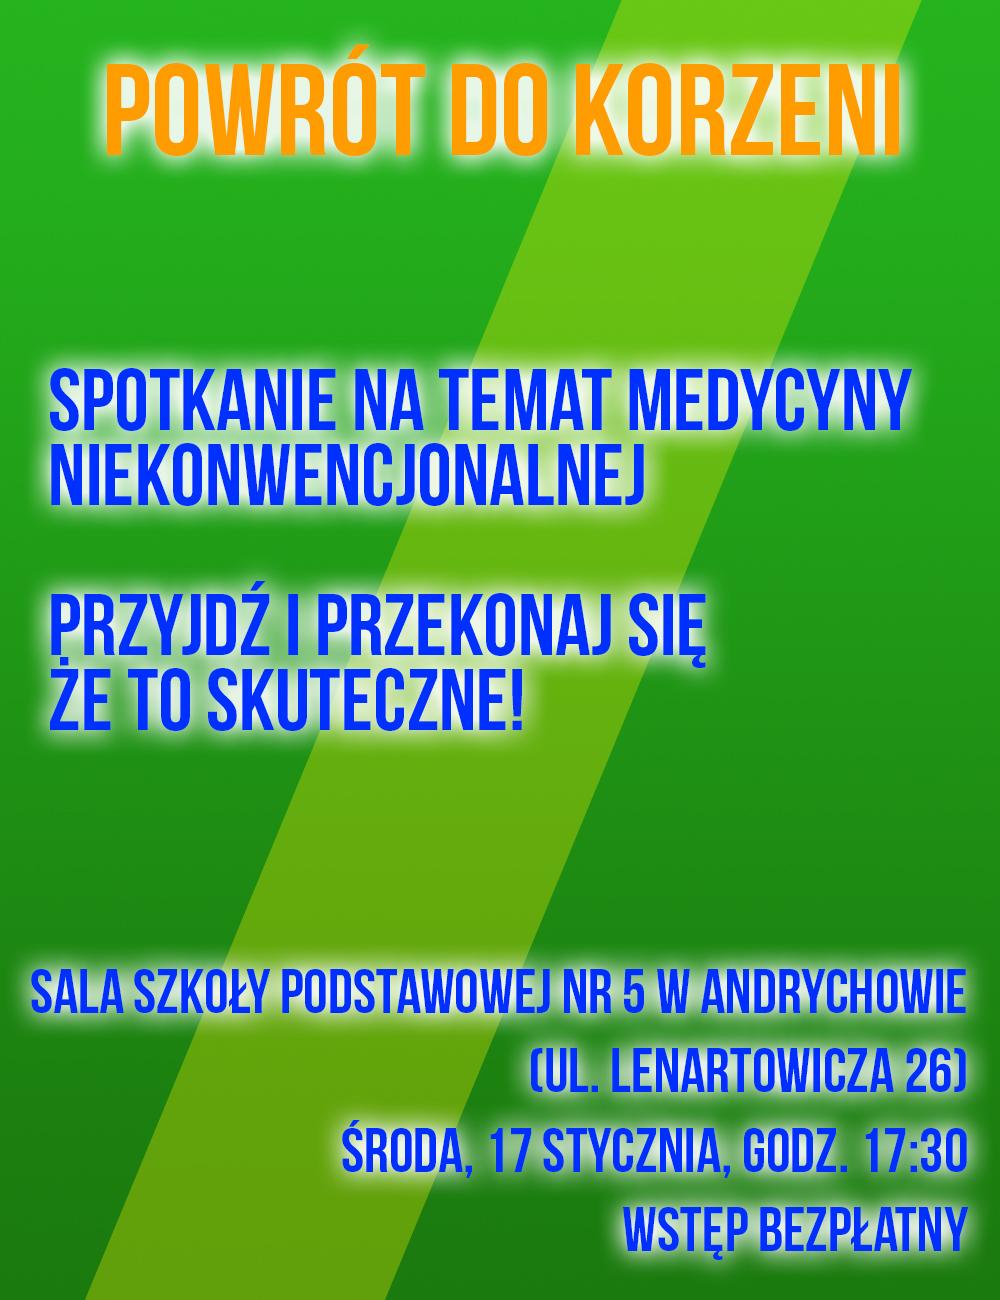 Spotkanie na temat medycyny niekonwencjonalnej w Andrychowie